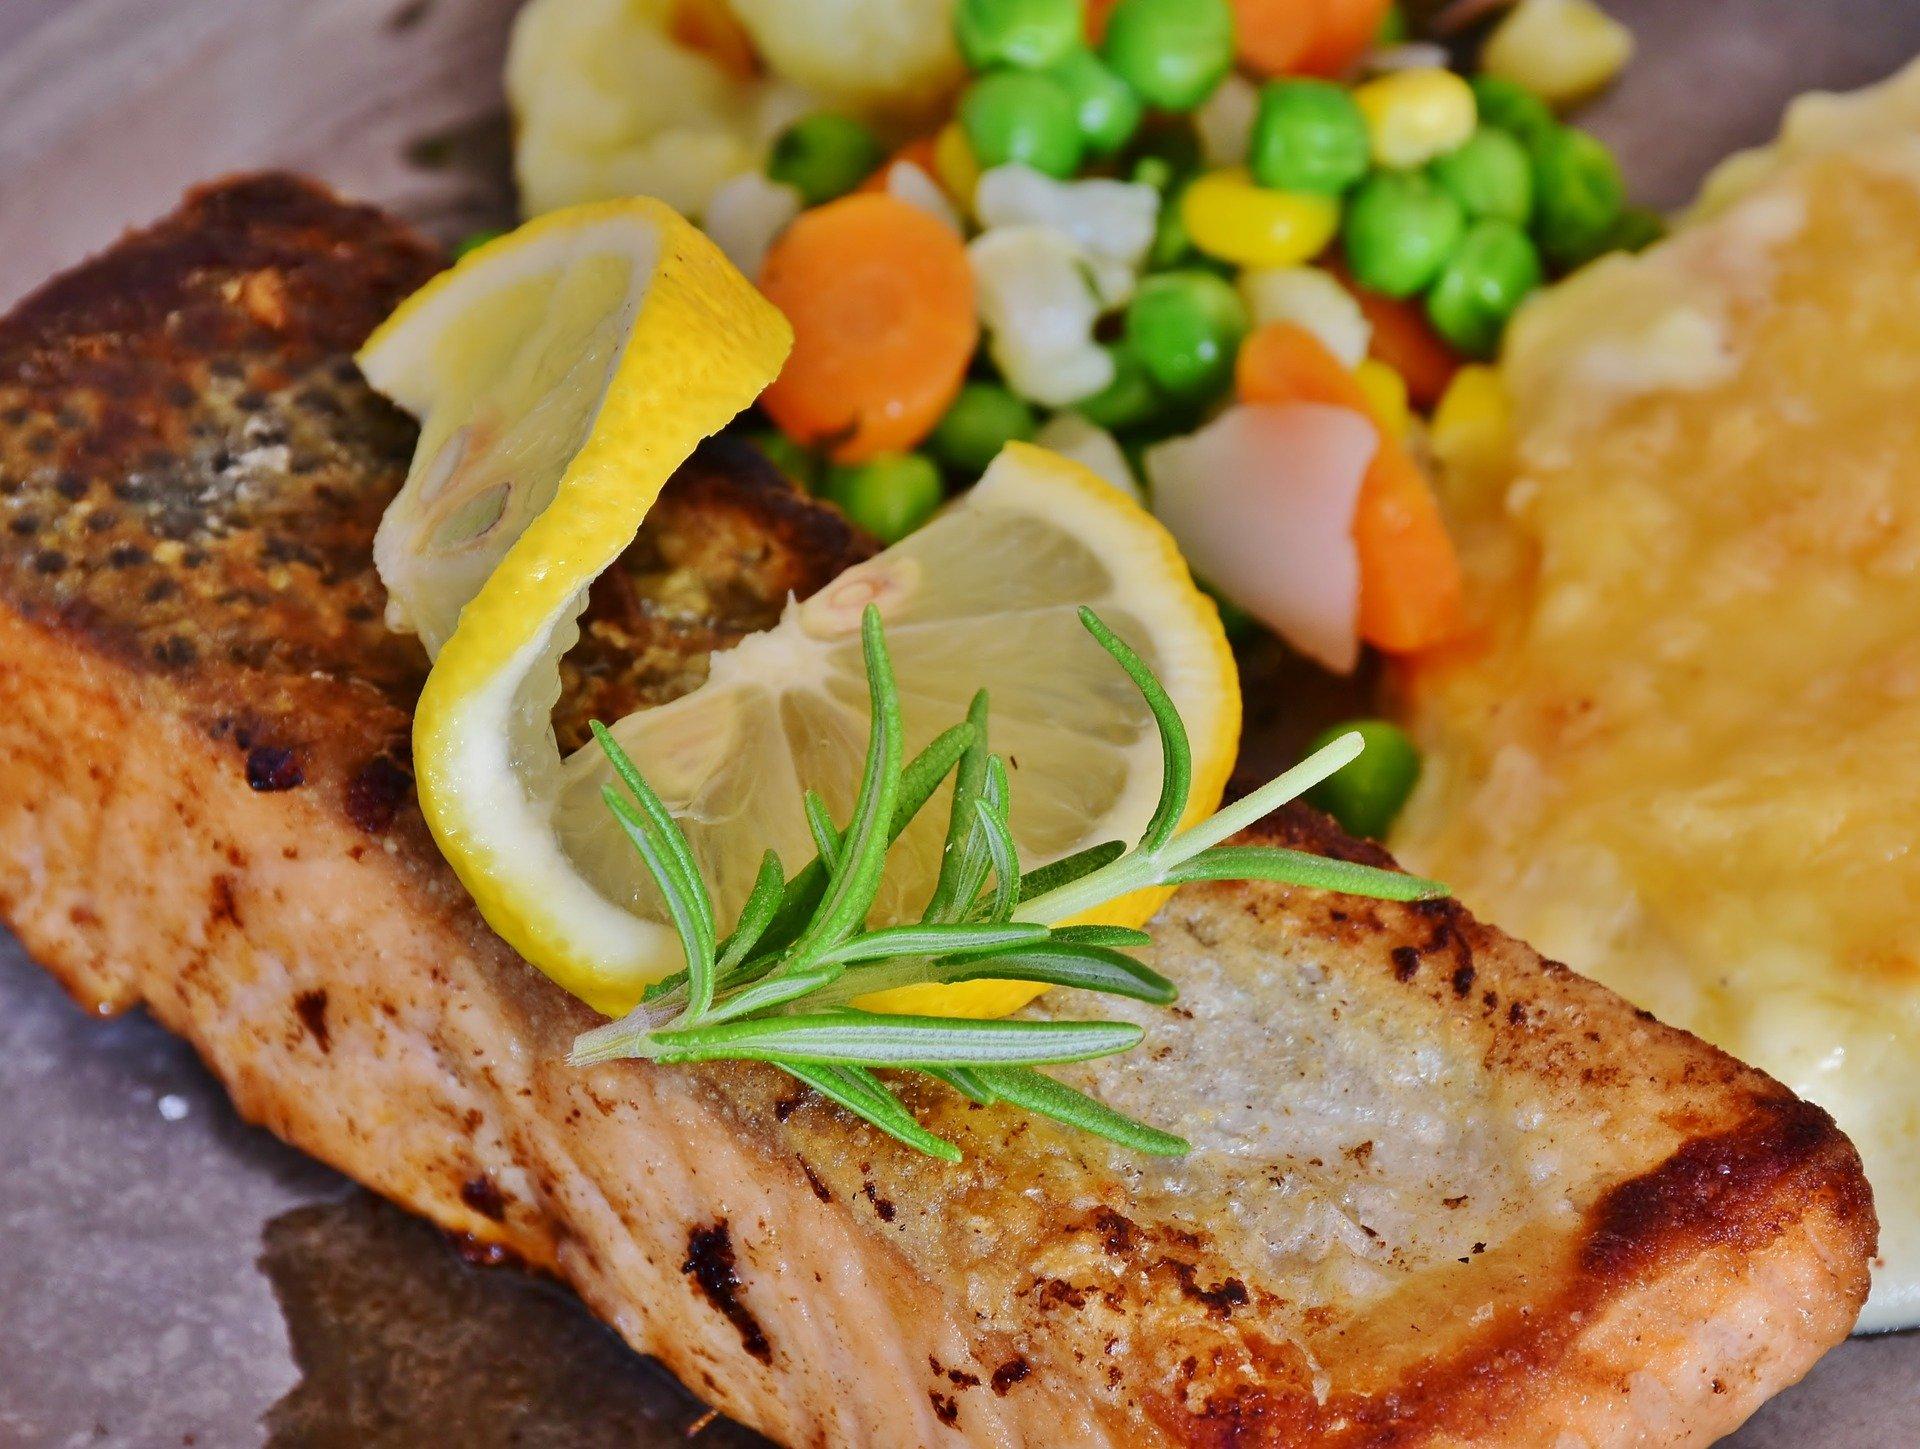 Українці на 6% збільшили споживання риби та рибних продуктів